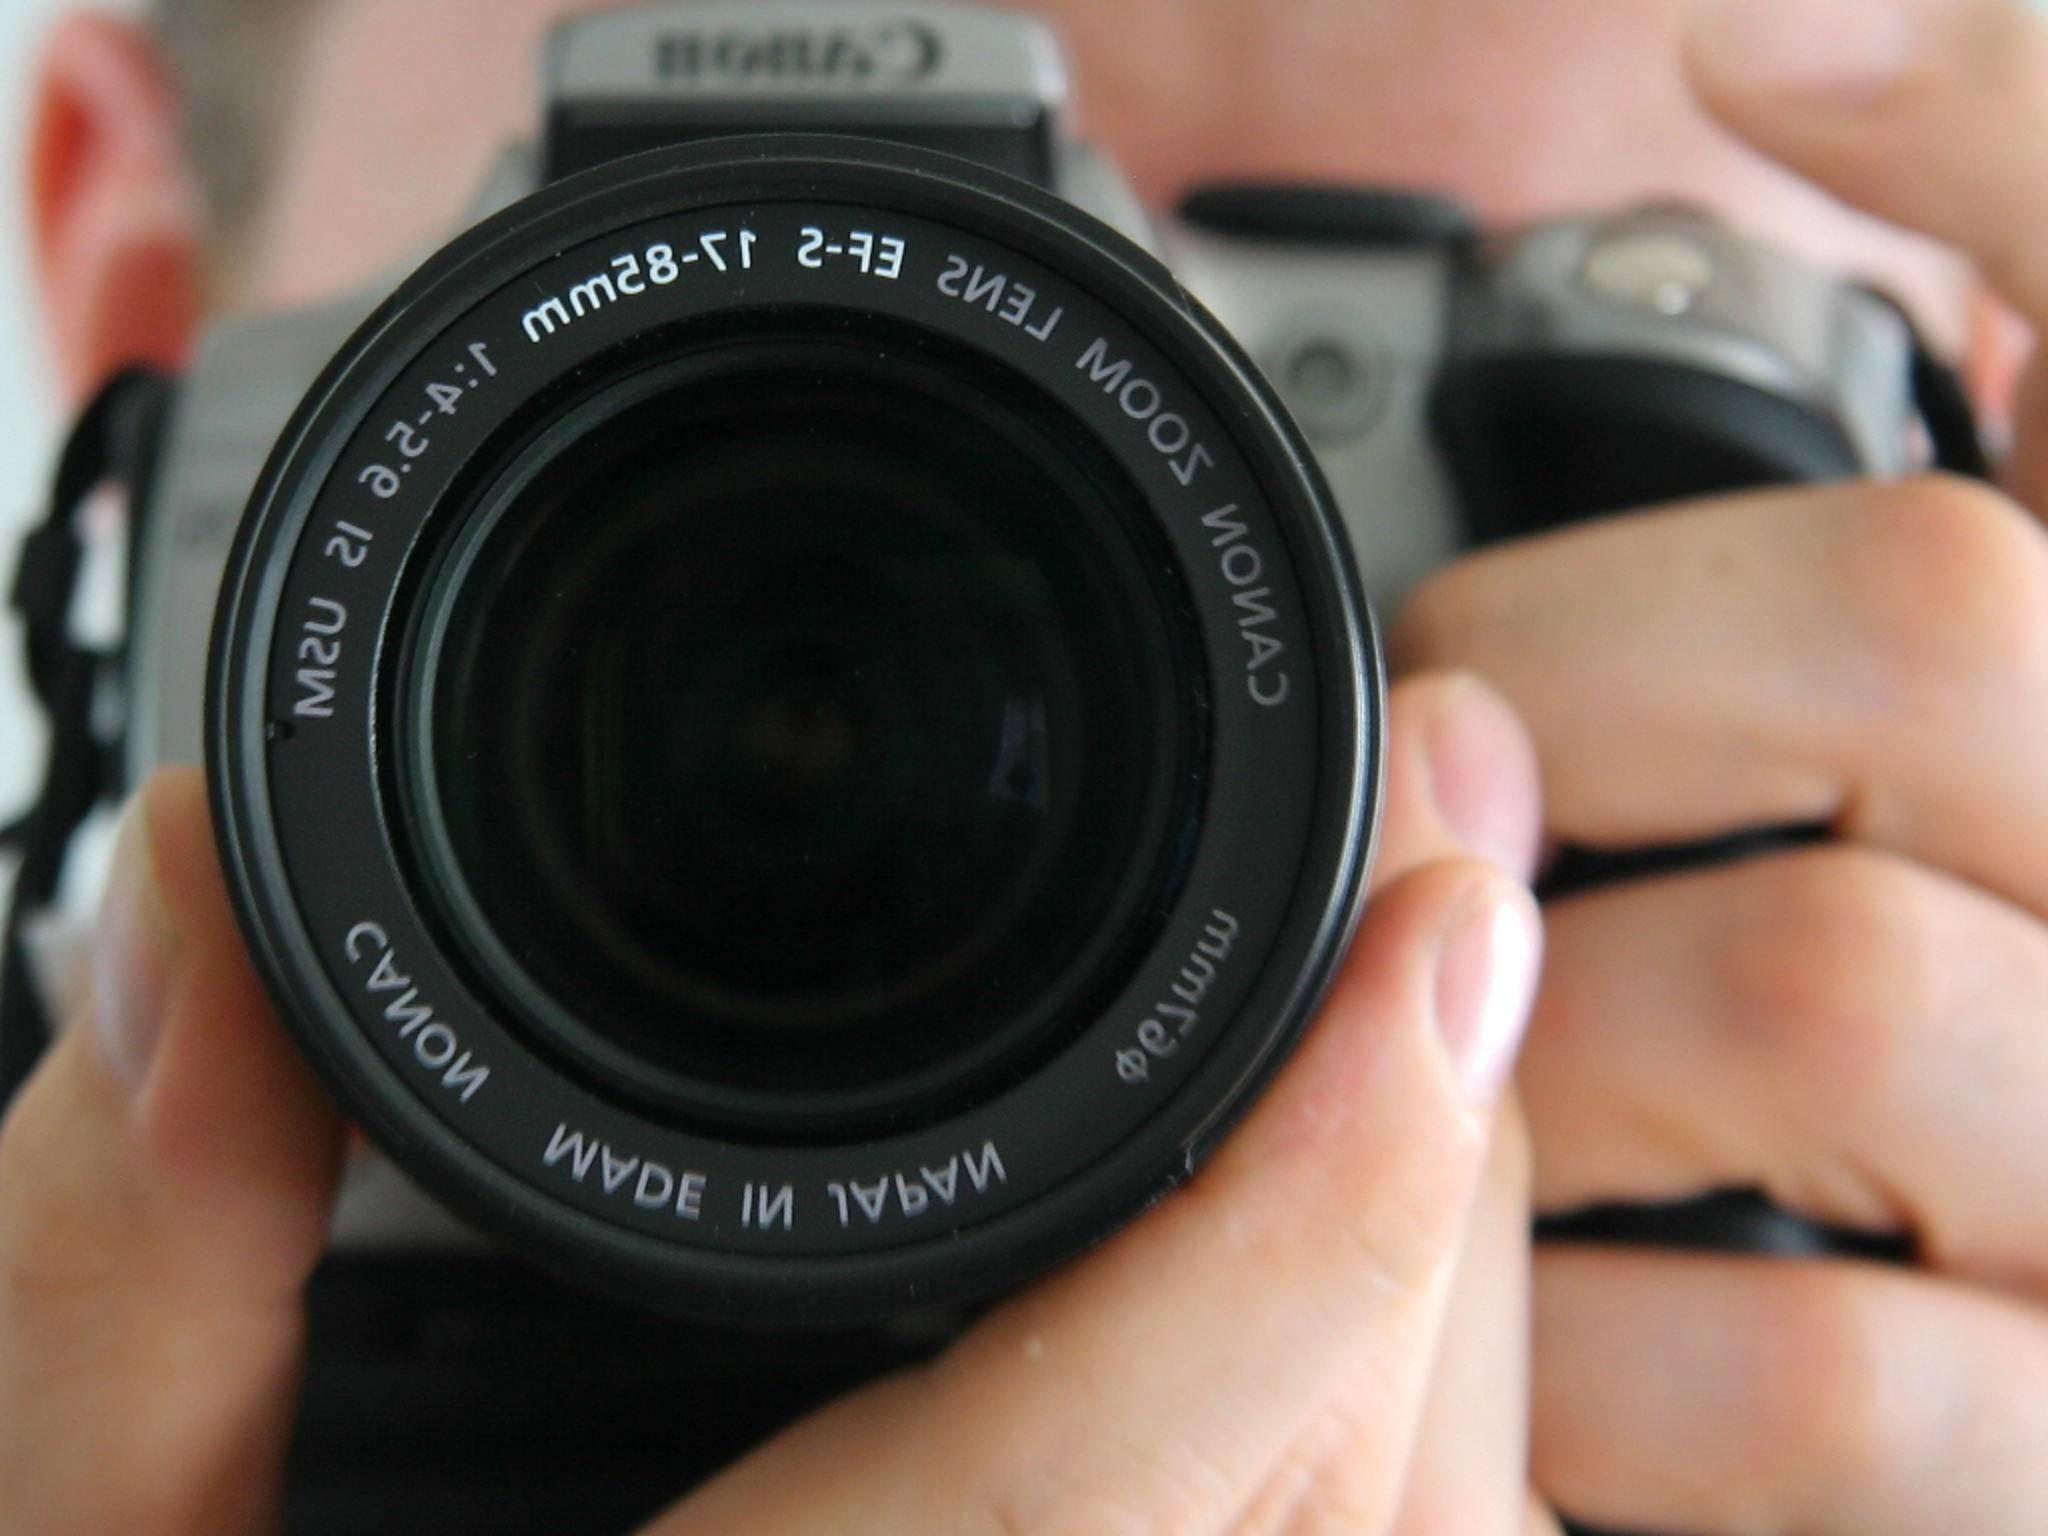 Kamera ist nicht gleich Kamera - es gibt ein paar entscheidende Unterschiede.